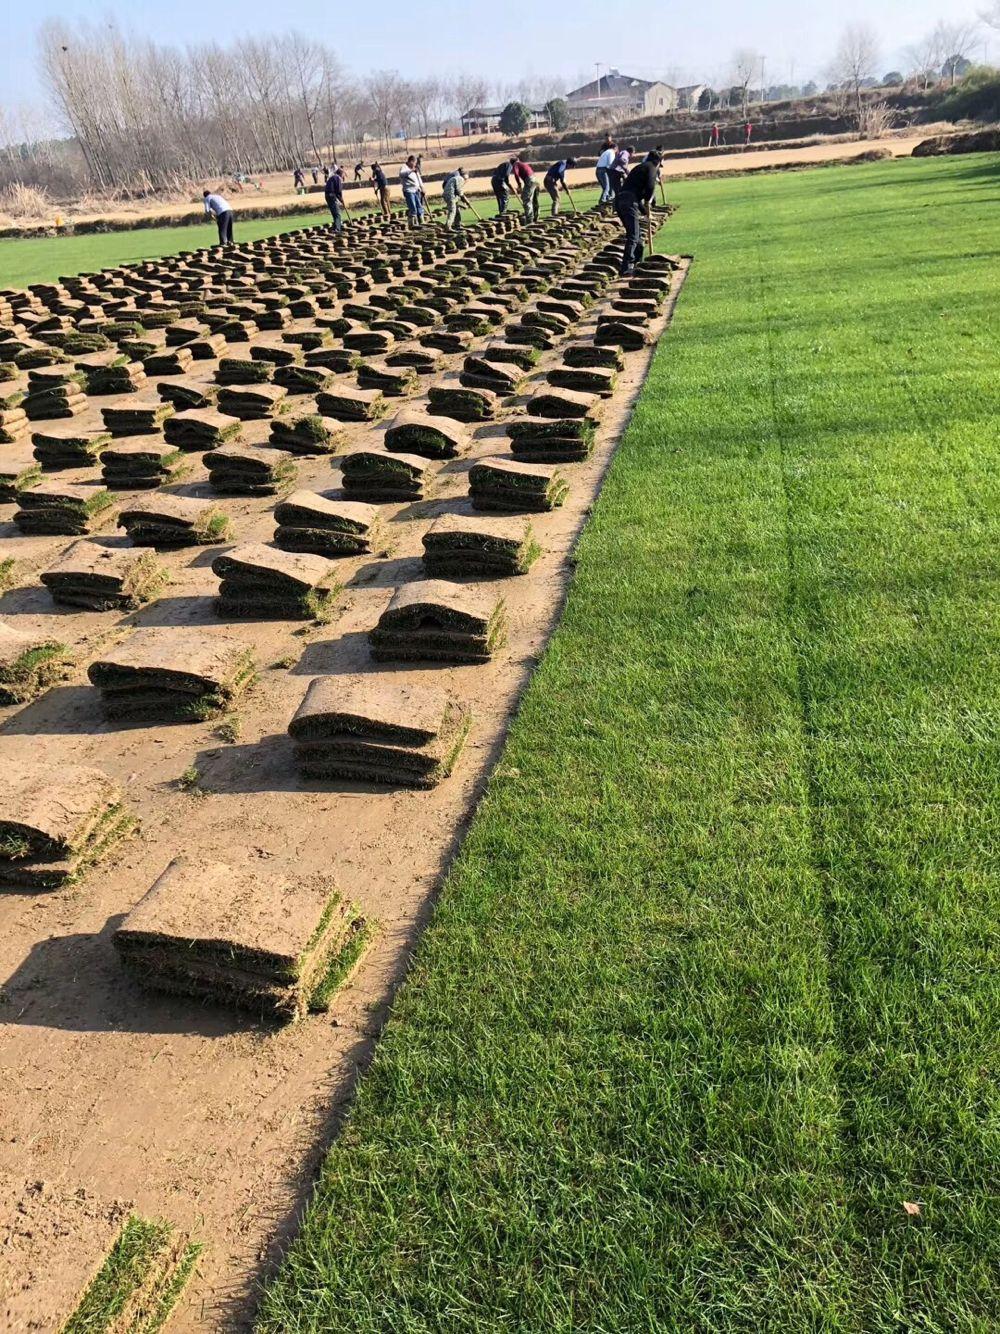 安徽混播黑麦草草坪出售_质量好草坪出售-句容市后白镇绿叶青草坪种植基地